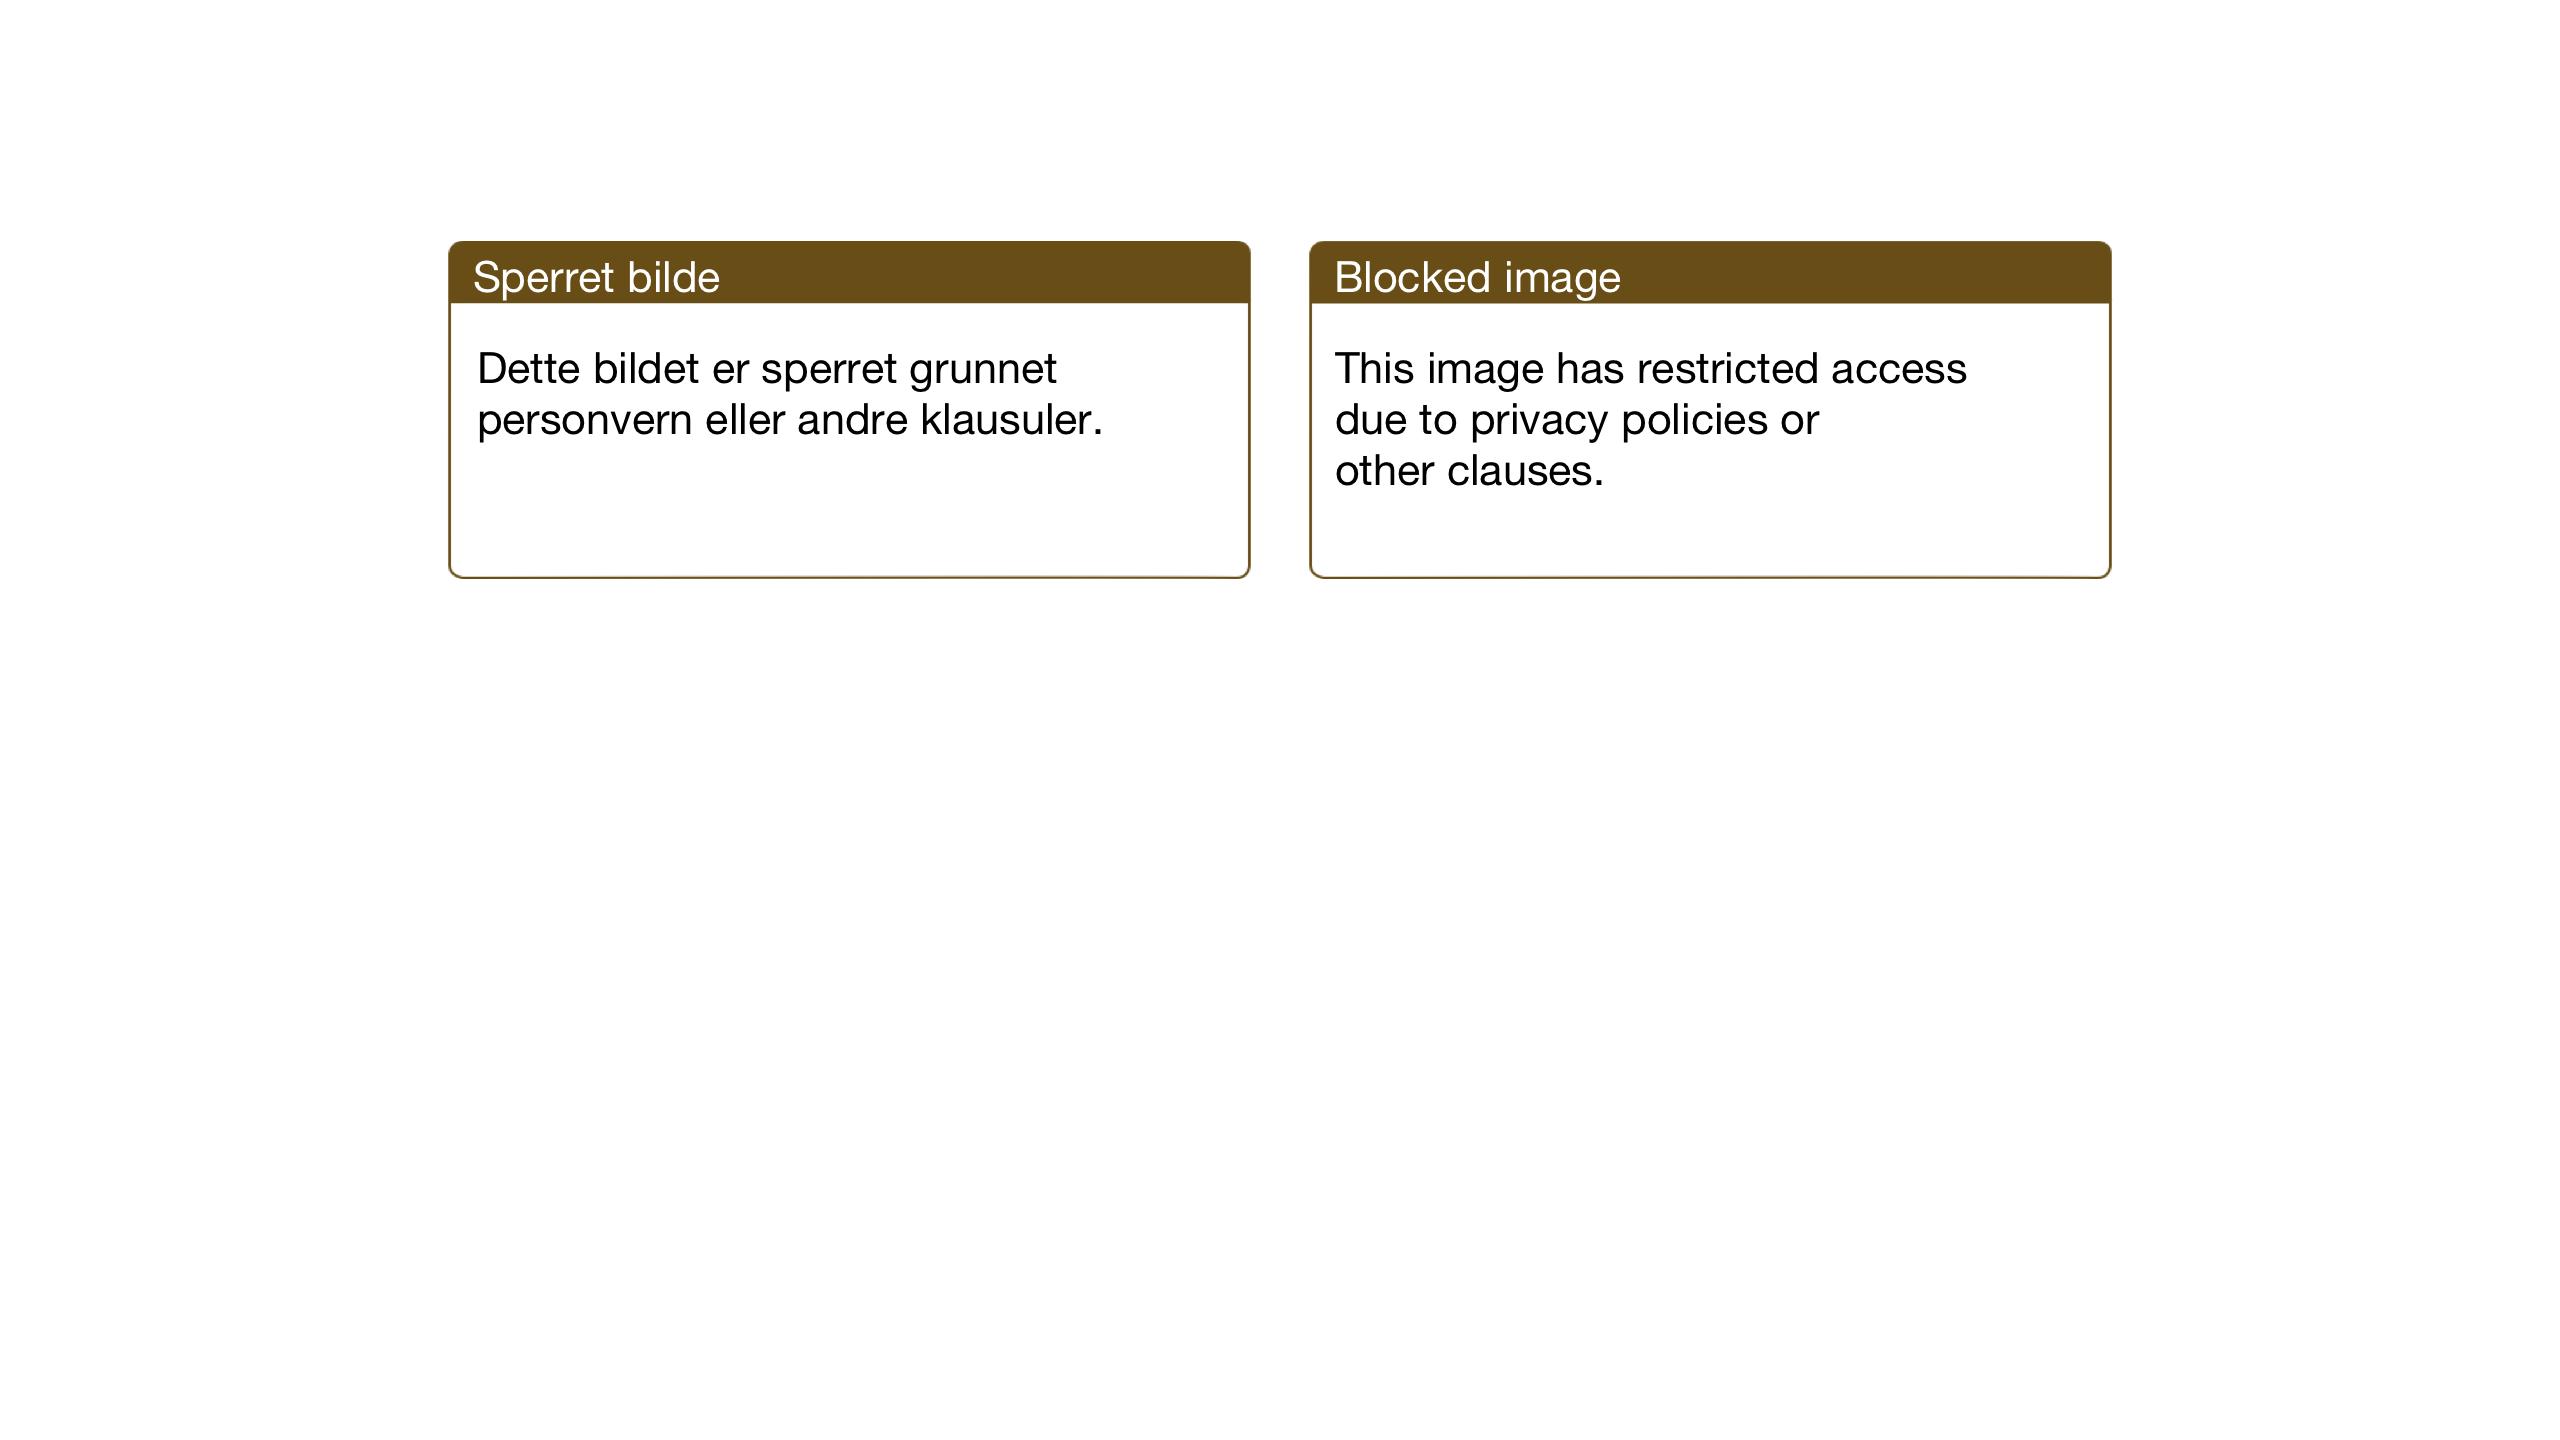 SAT, Ministerialprotokoller, klokkerbøker og fødselsregistre - Sør-Trøndelag, 686/L0986: Klokkerbok nr. 686C02, 1933-1950, s. 24